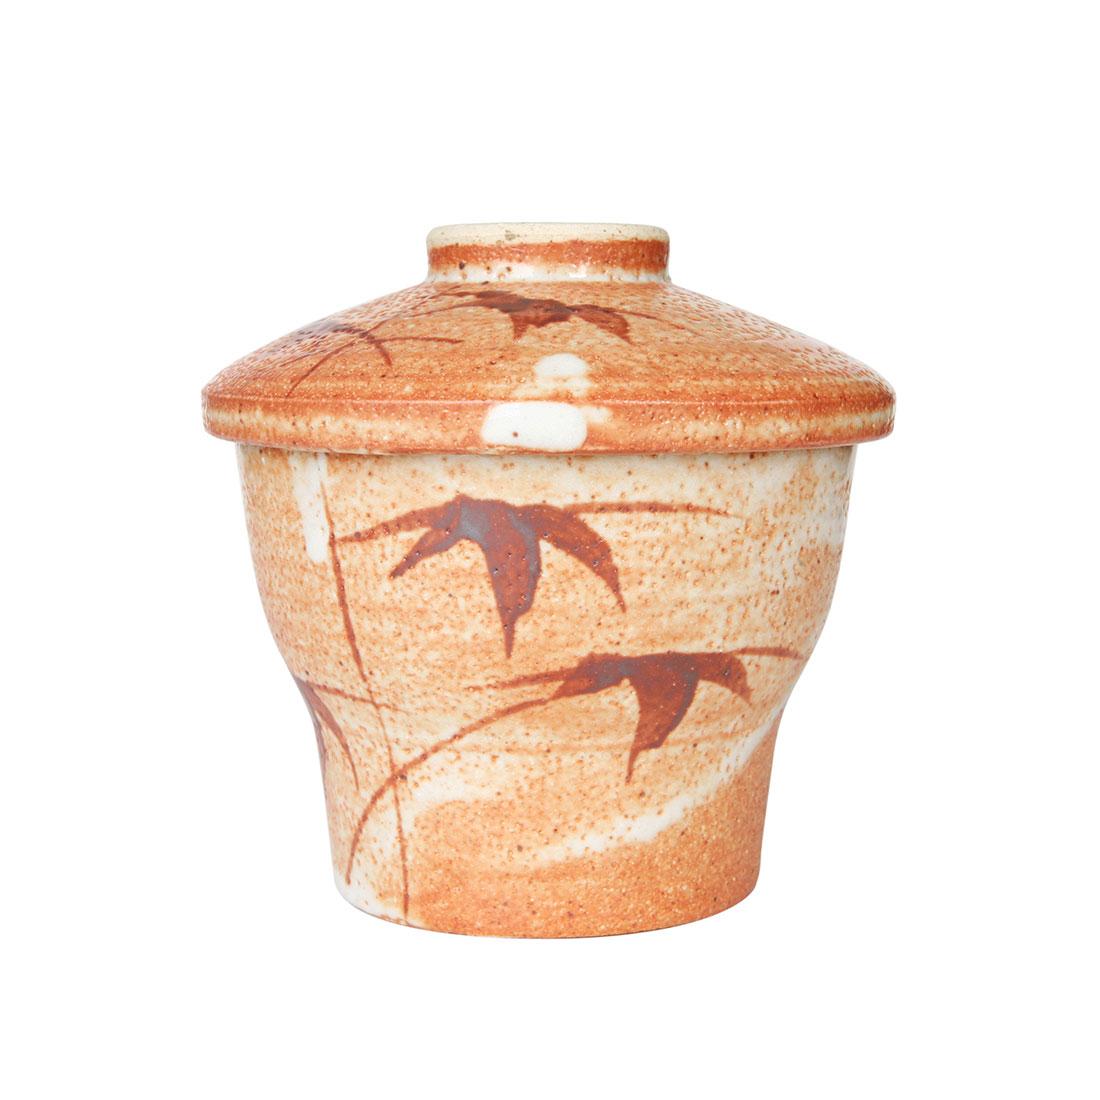 Chung Trà Gốm Shior - Nhật - 11 x 8 cm - 233550